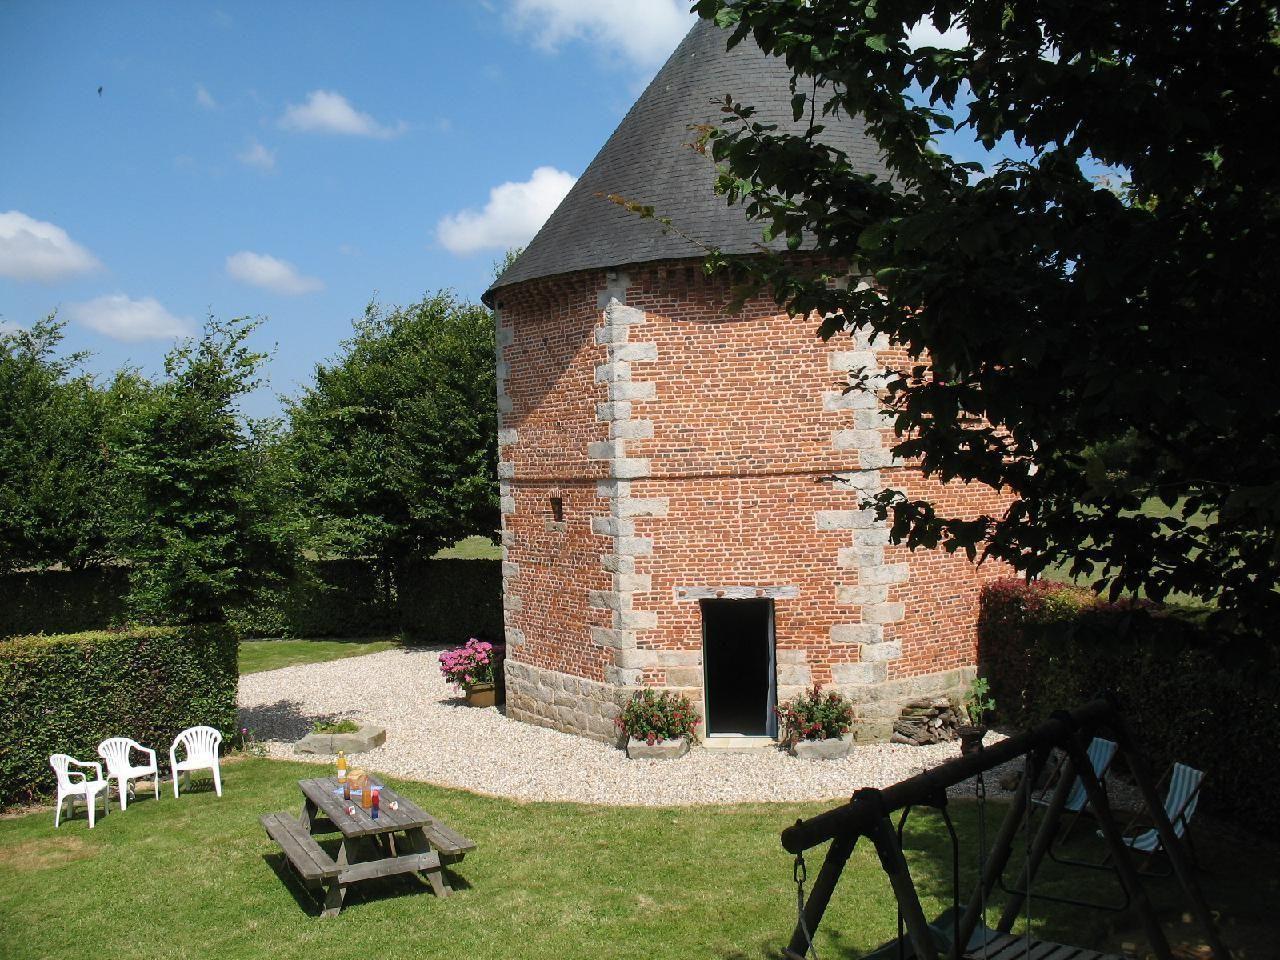 Ferienhaus für 6 Personen 110m2, Schwimmbad,  Bauernhof in Frankreich